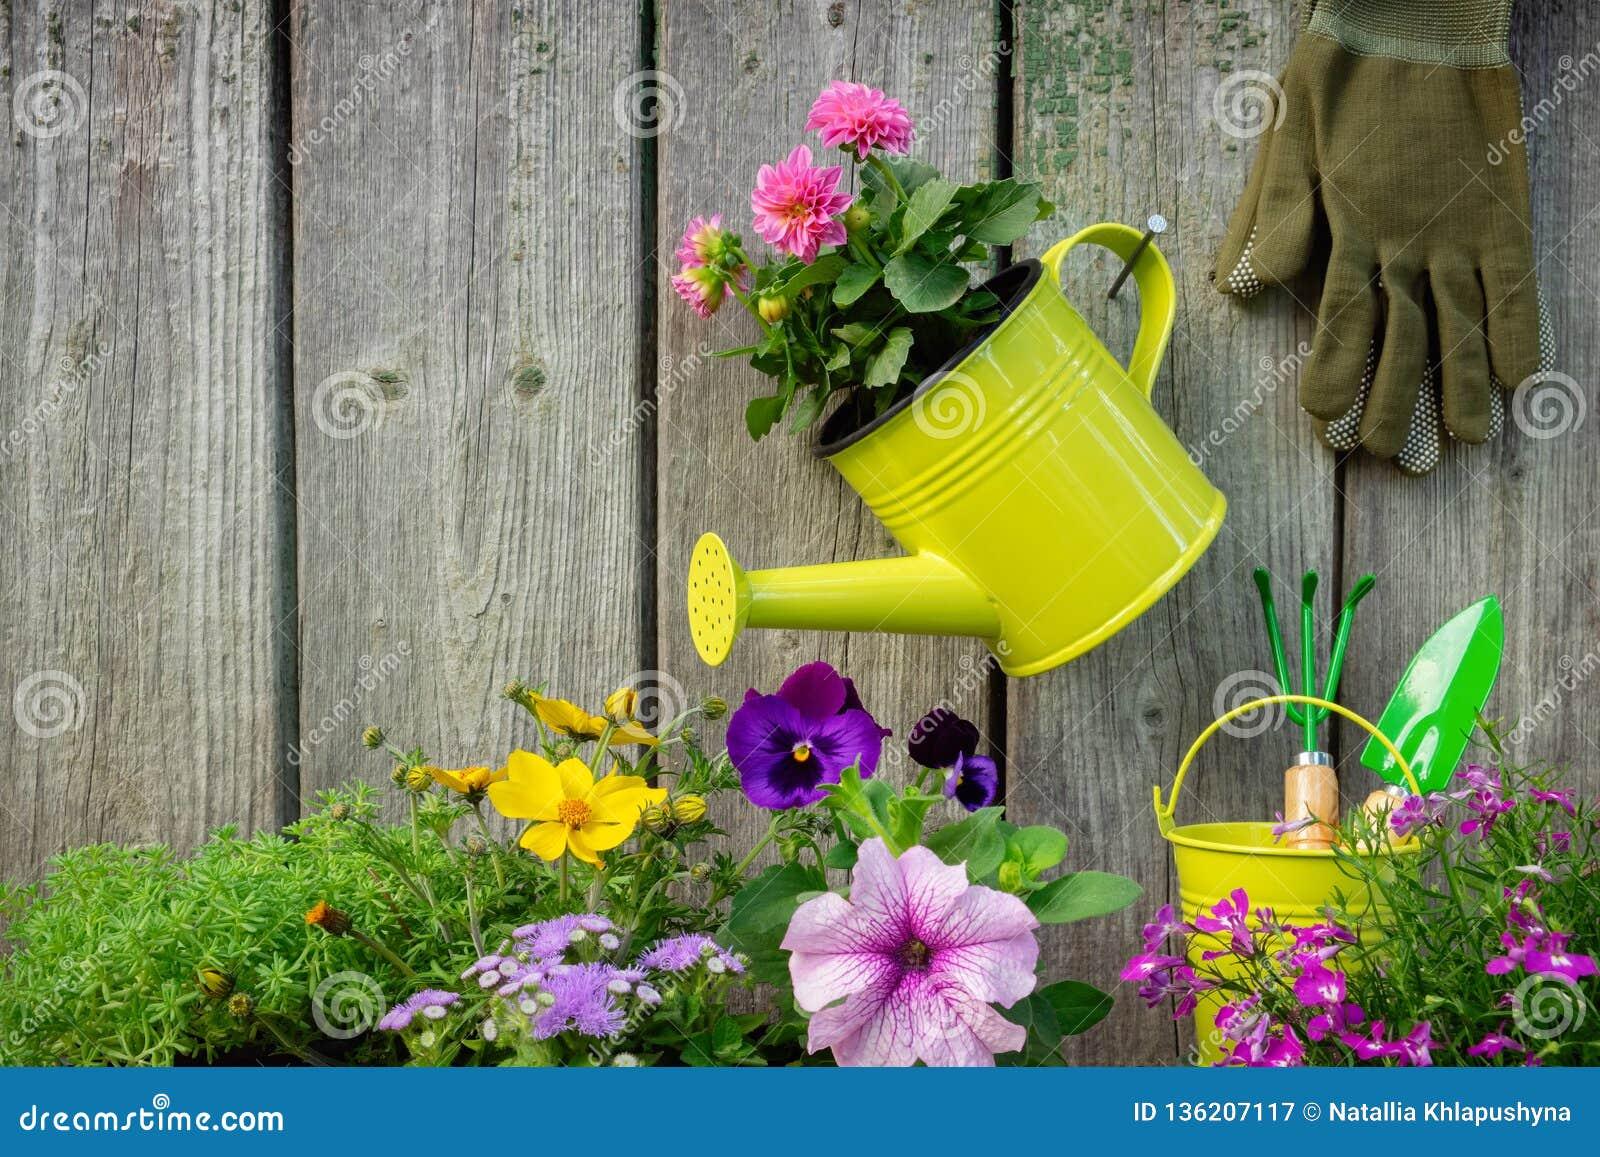 庭园花木和花幼木在花盆 园艺设备:喷壶,桶,铁锹,犁耙,手套